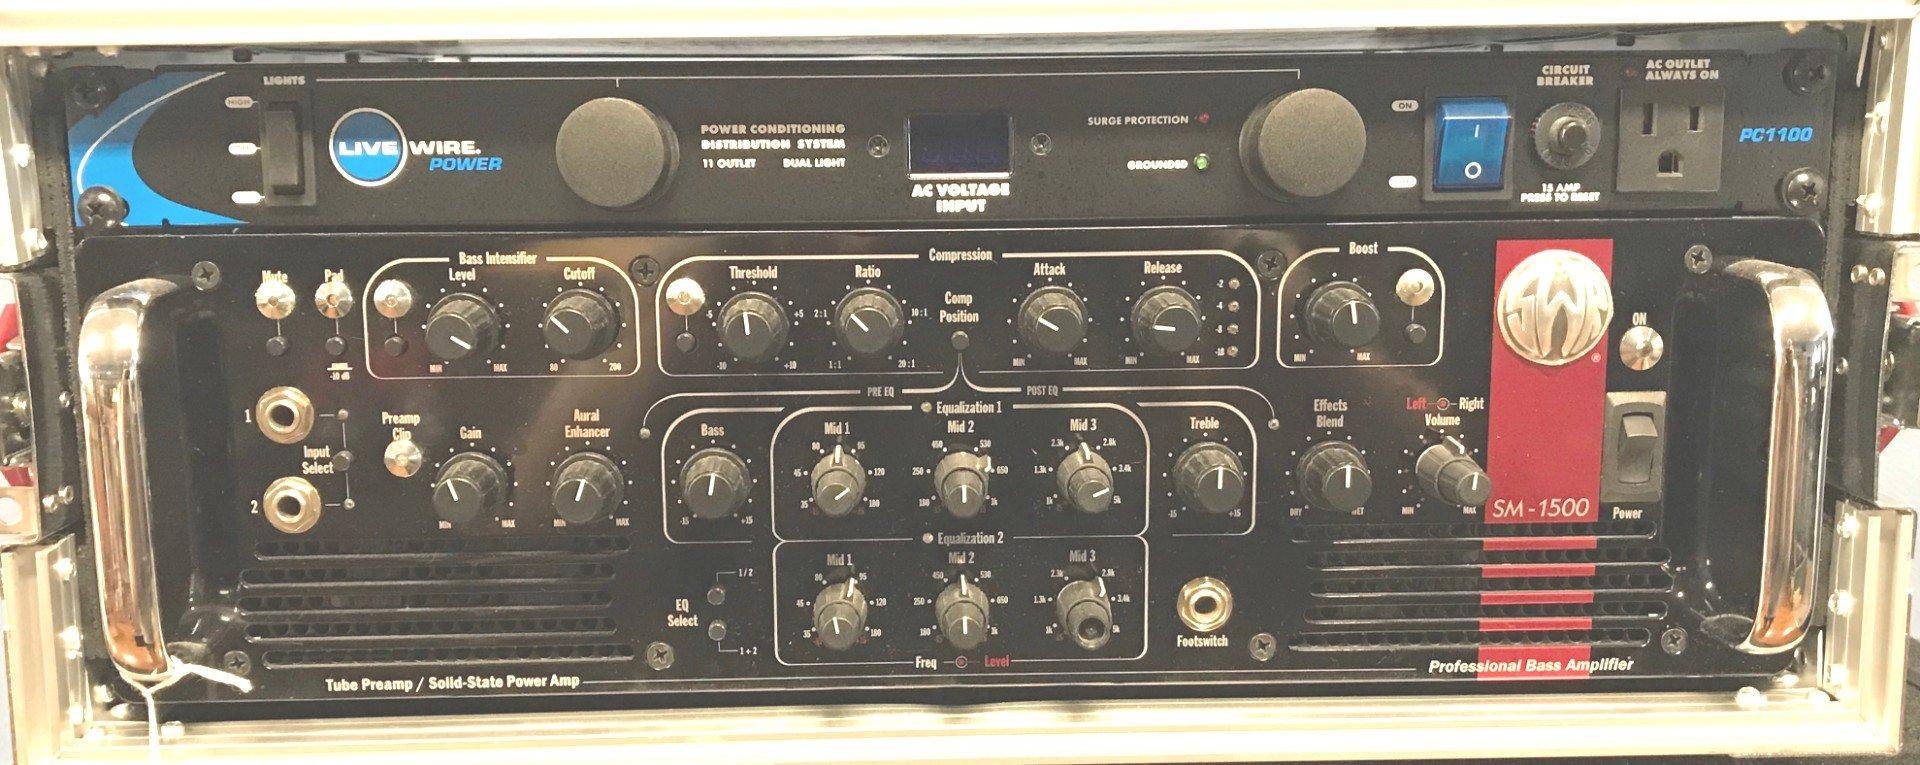 SWR SM-1500